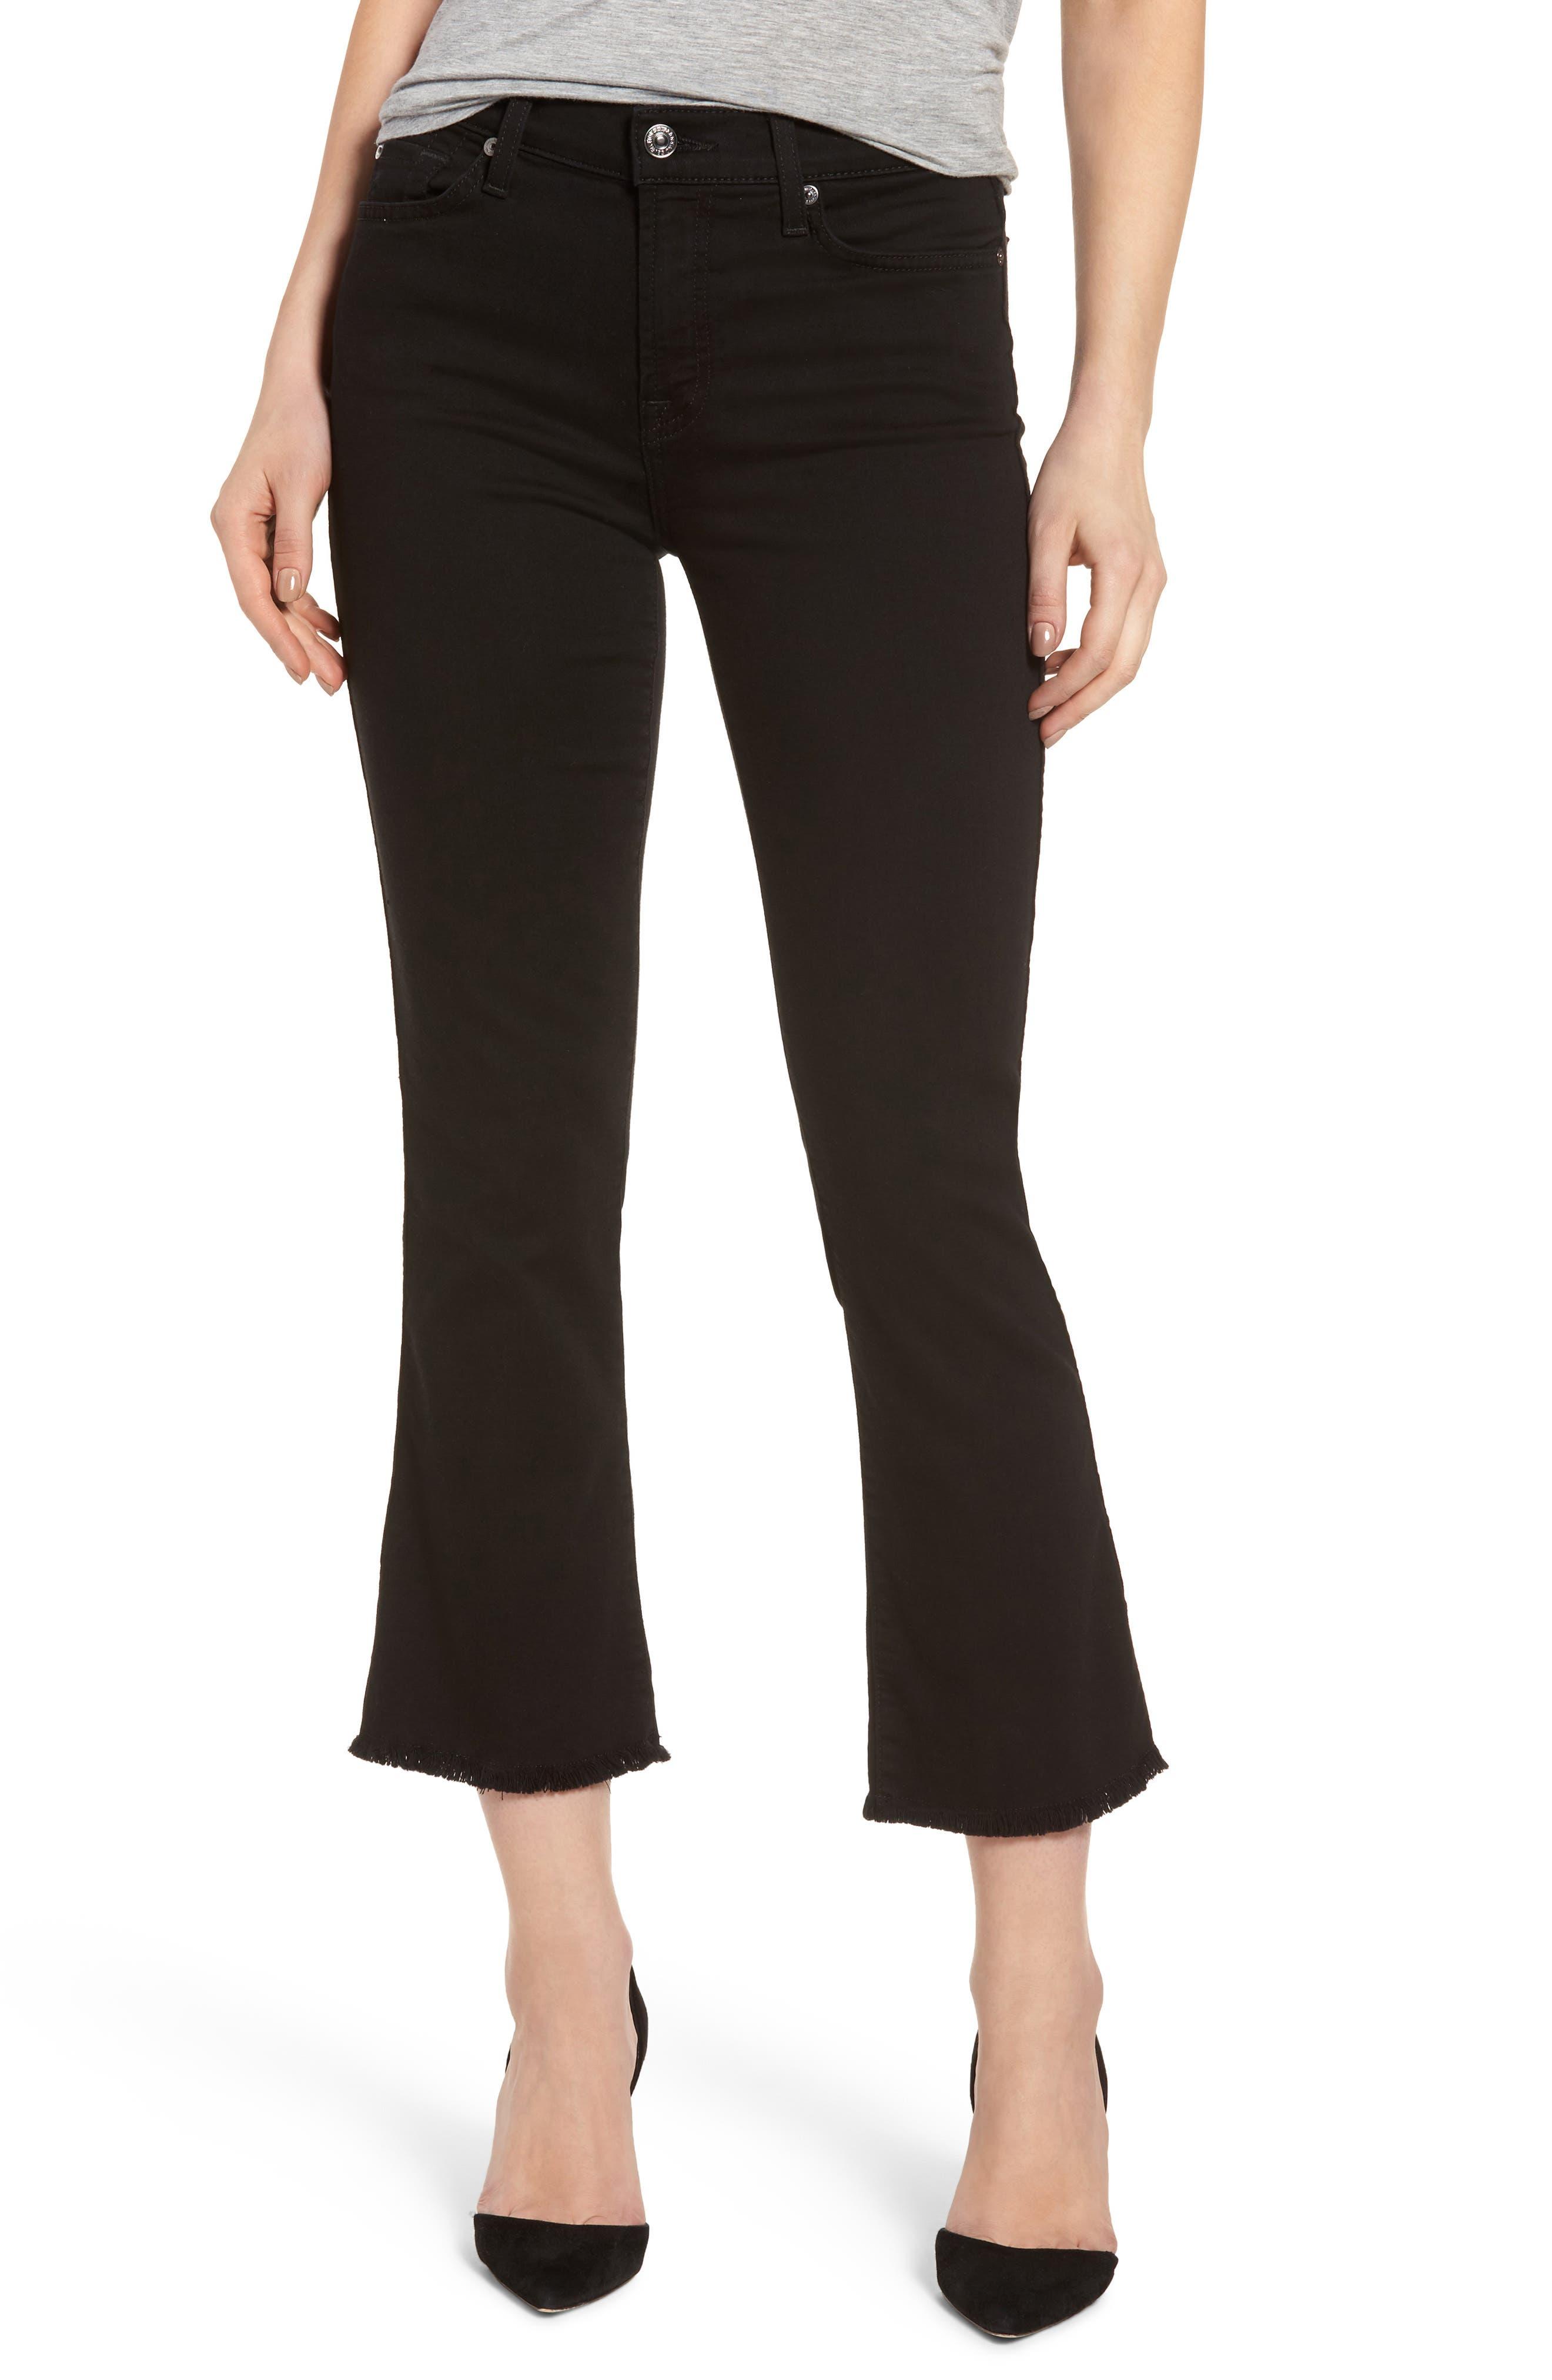 b(air) Crop Bootcut Jeans,                             Main thumbnail 1, color,                             B(AIR) BLACK